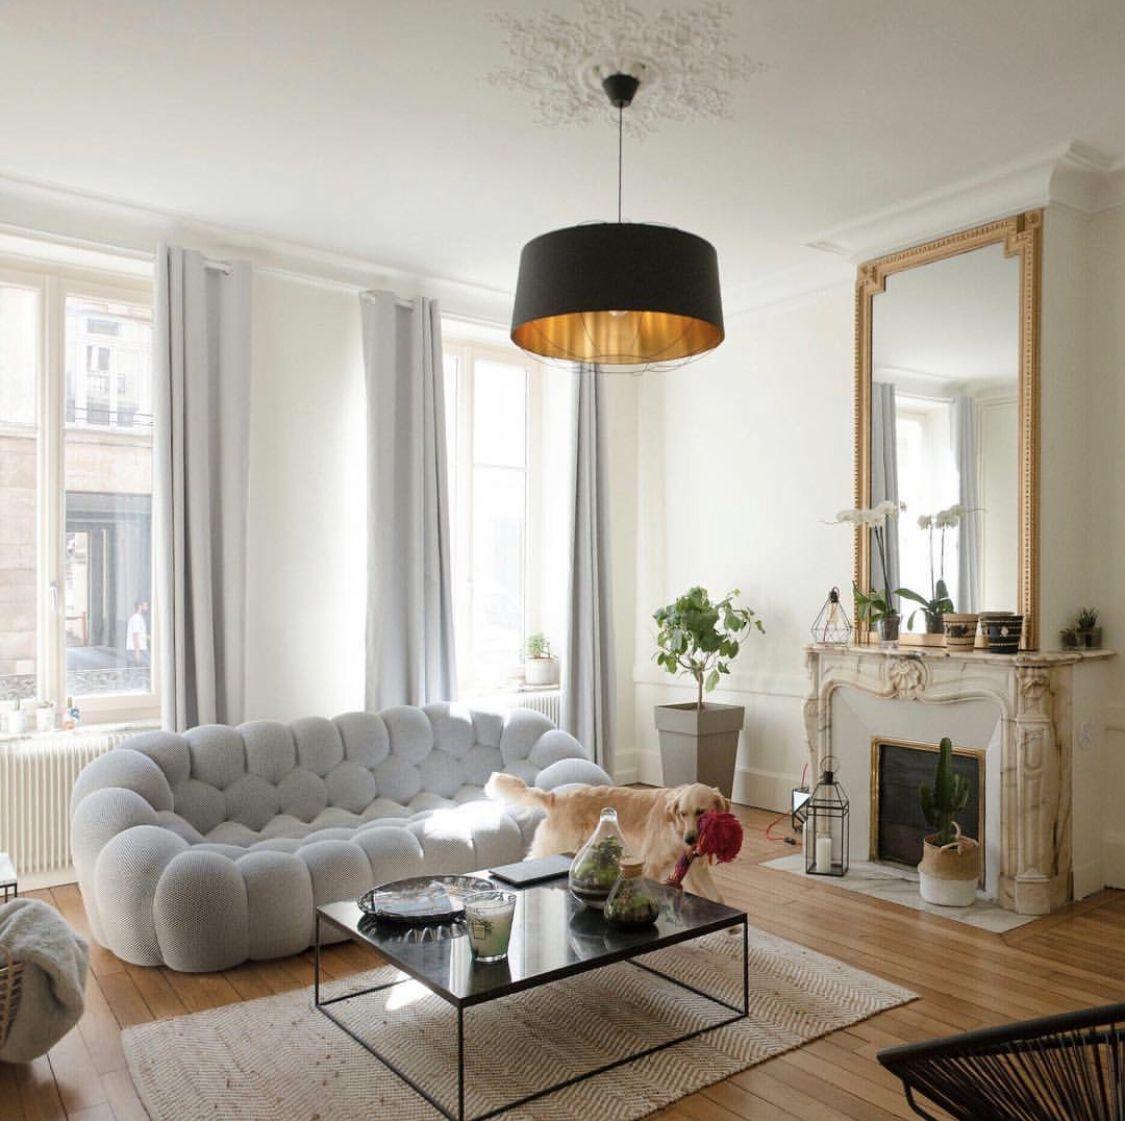 Roche Bobois Bubble Sofa Designed By Sacha Lakic Rochebobois Deco Maison Idees De Design D Interieur